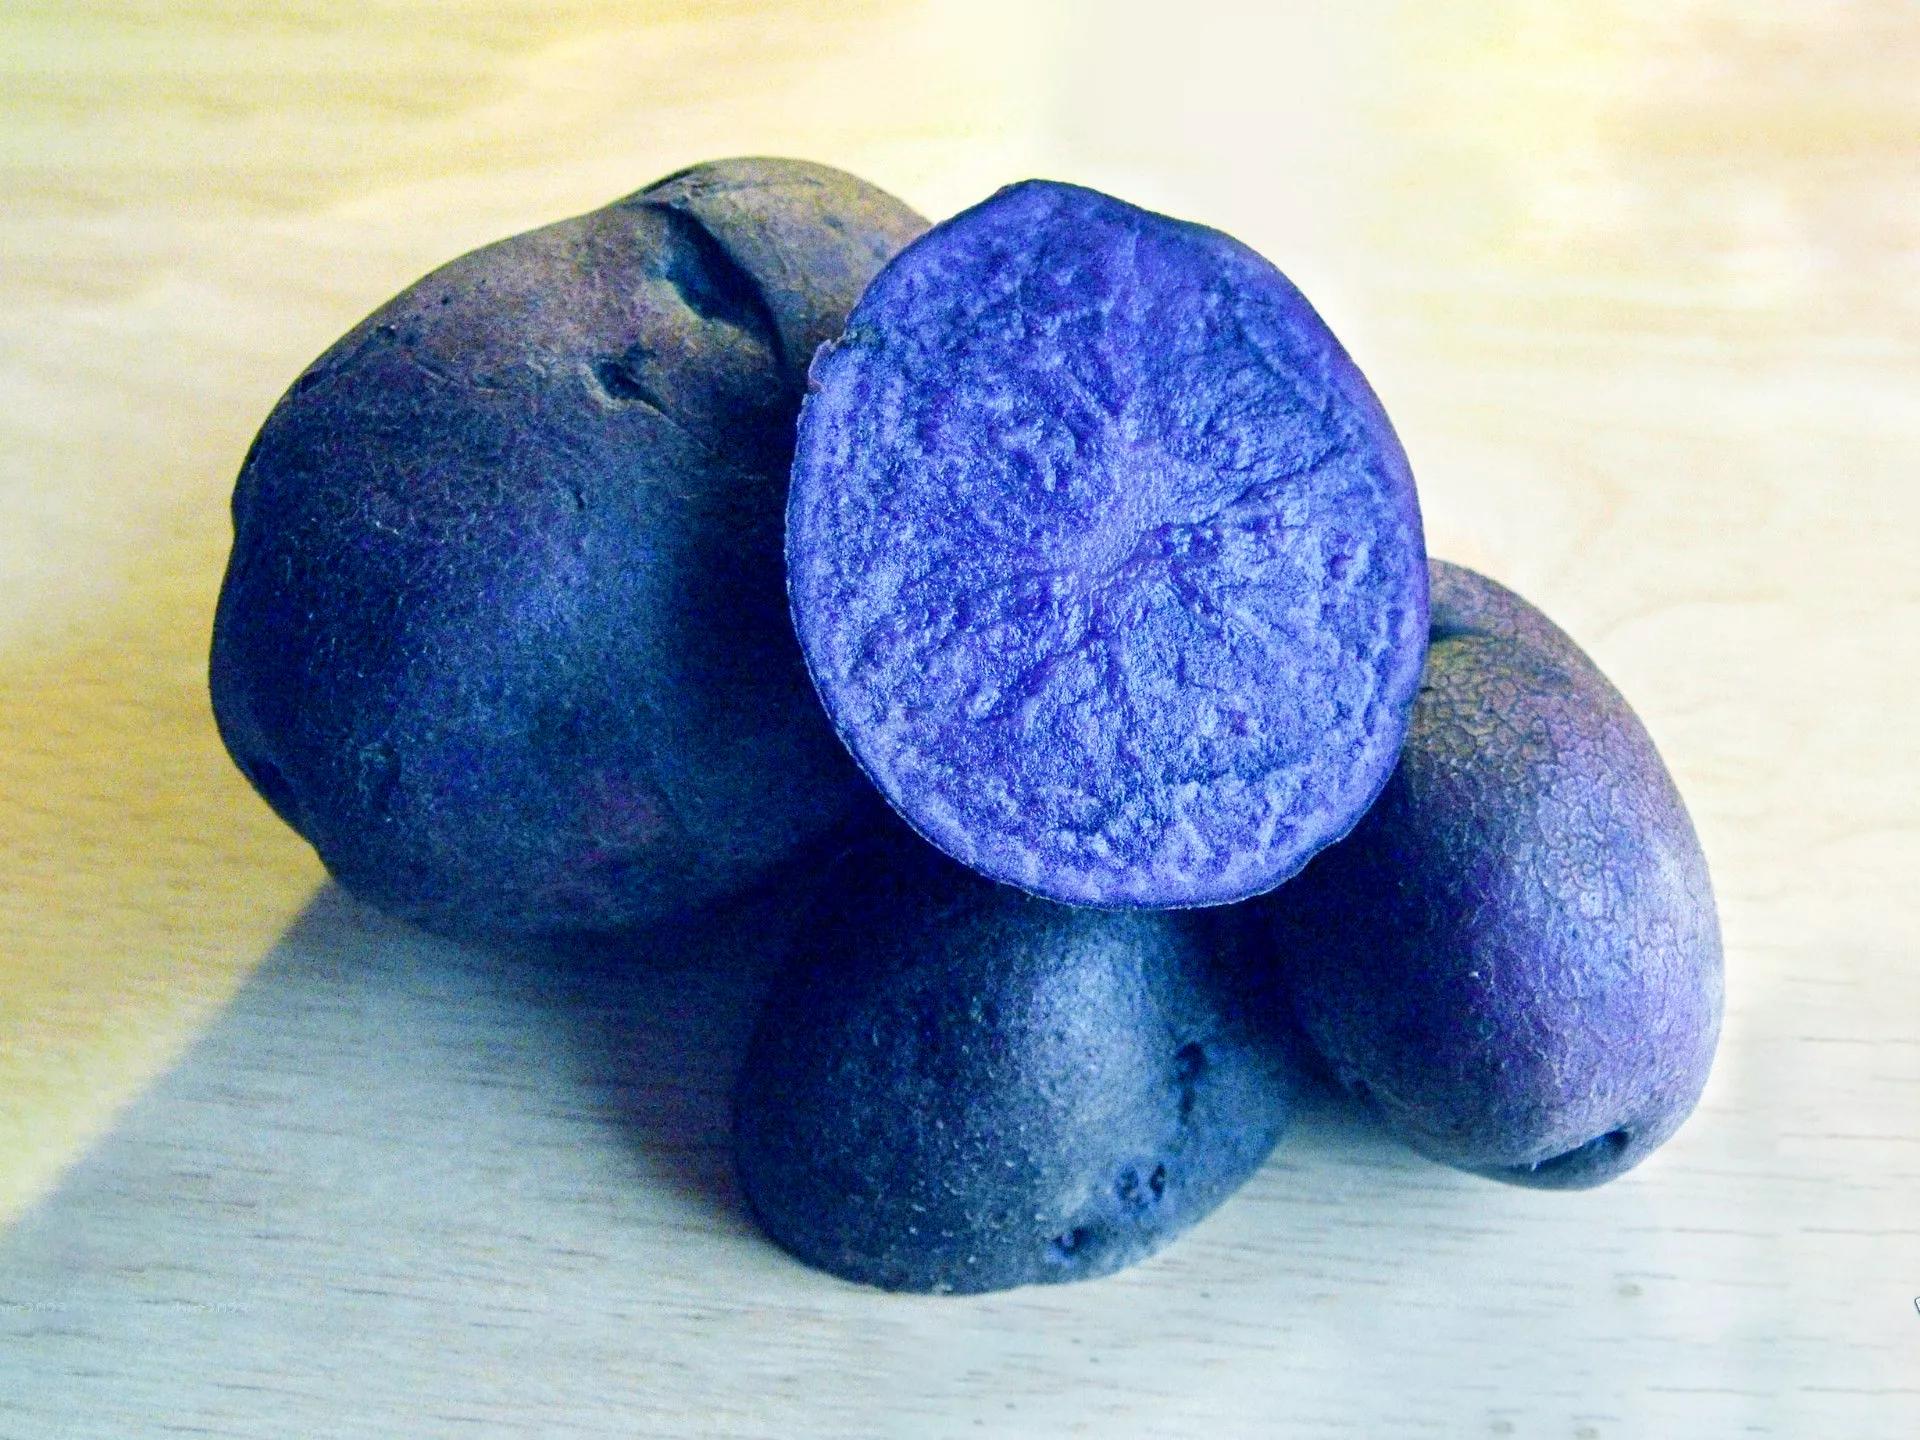 картофель синие сорта описание фото отзывы всегда обговаривается клиентками